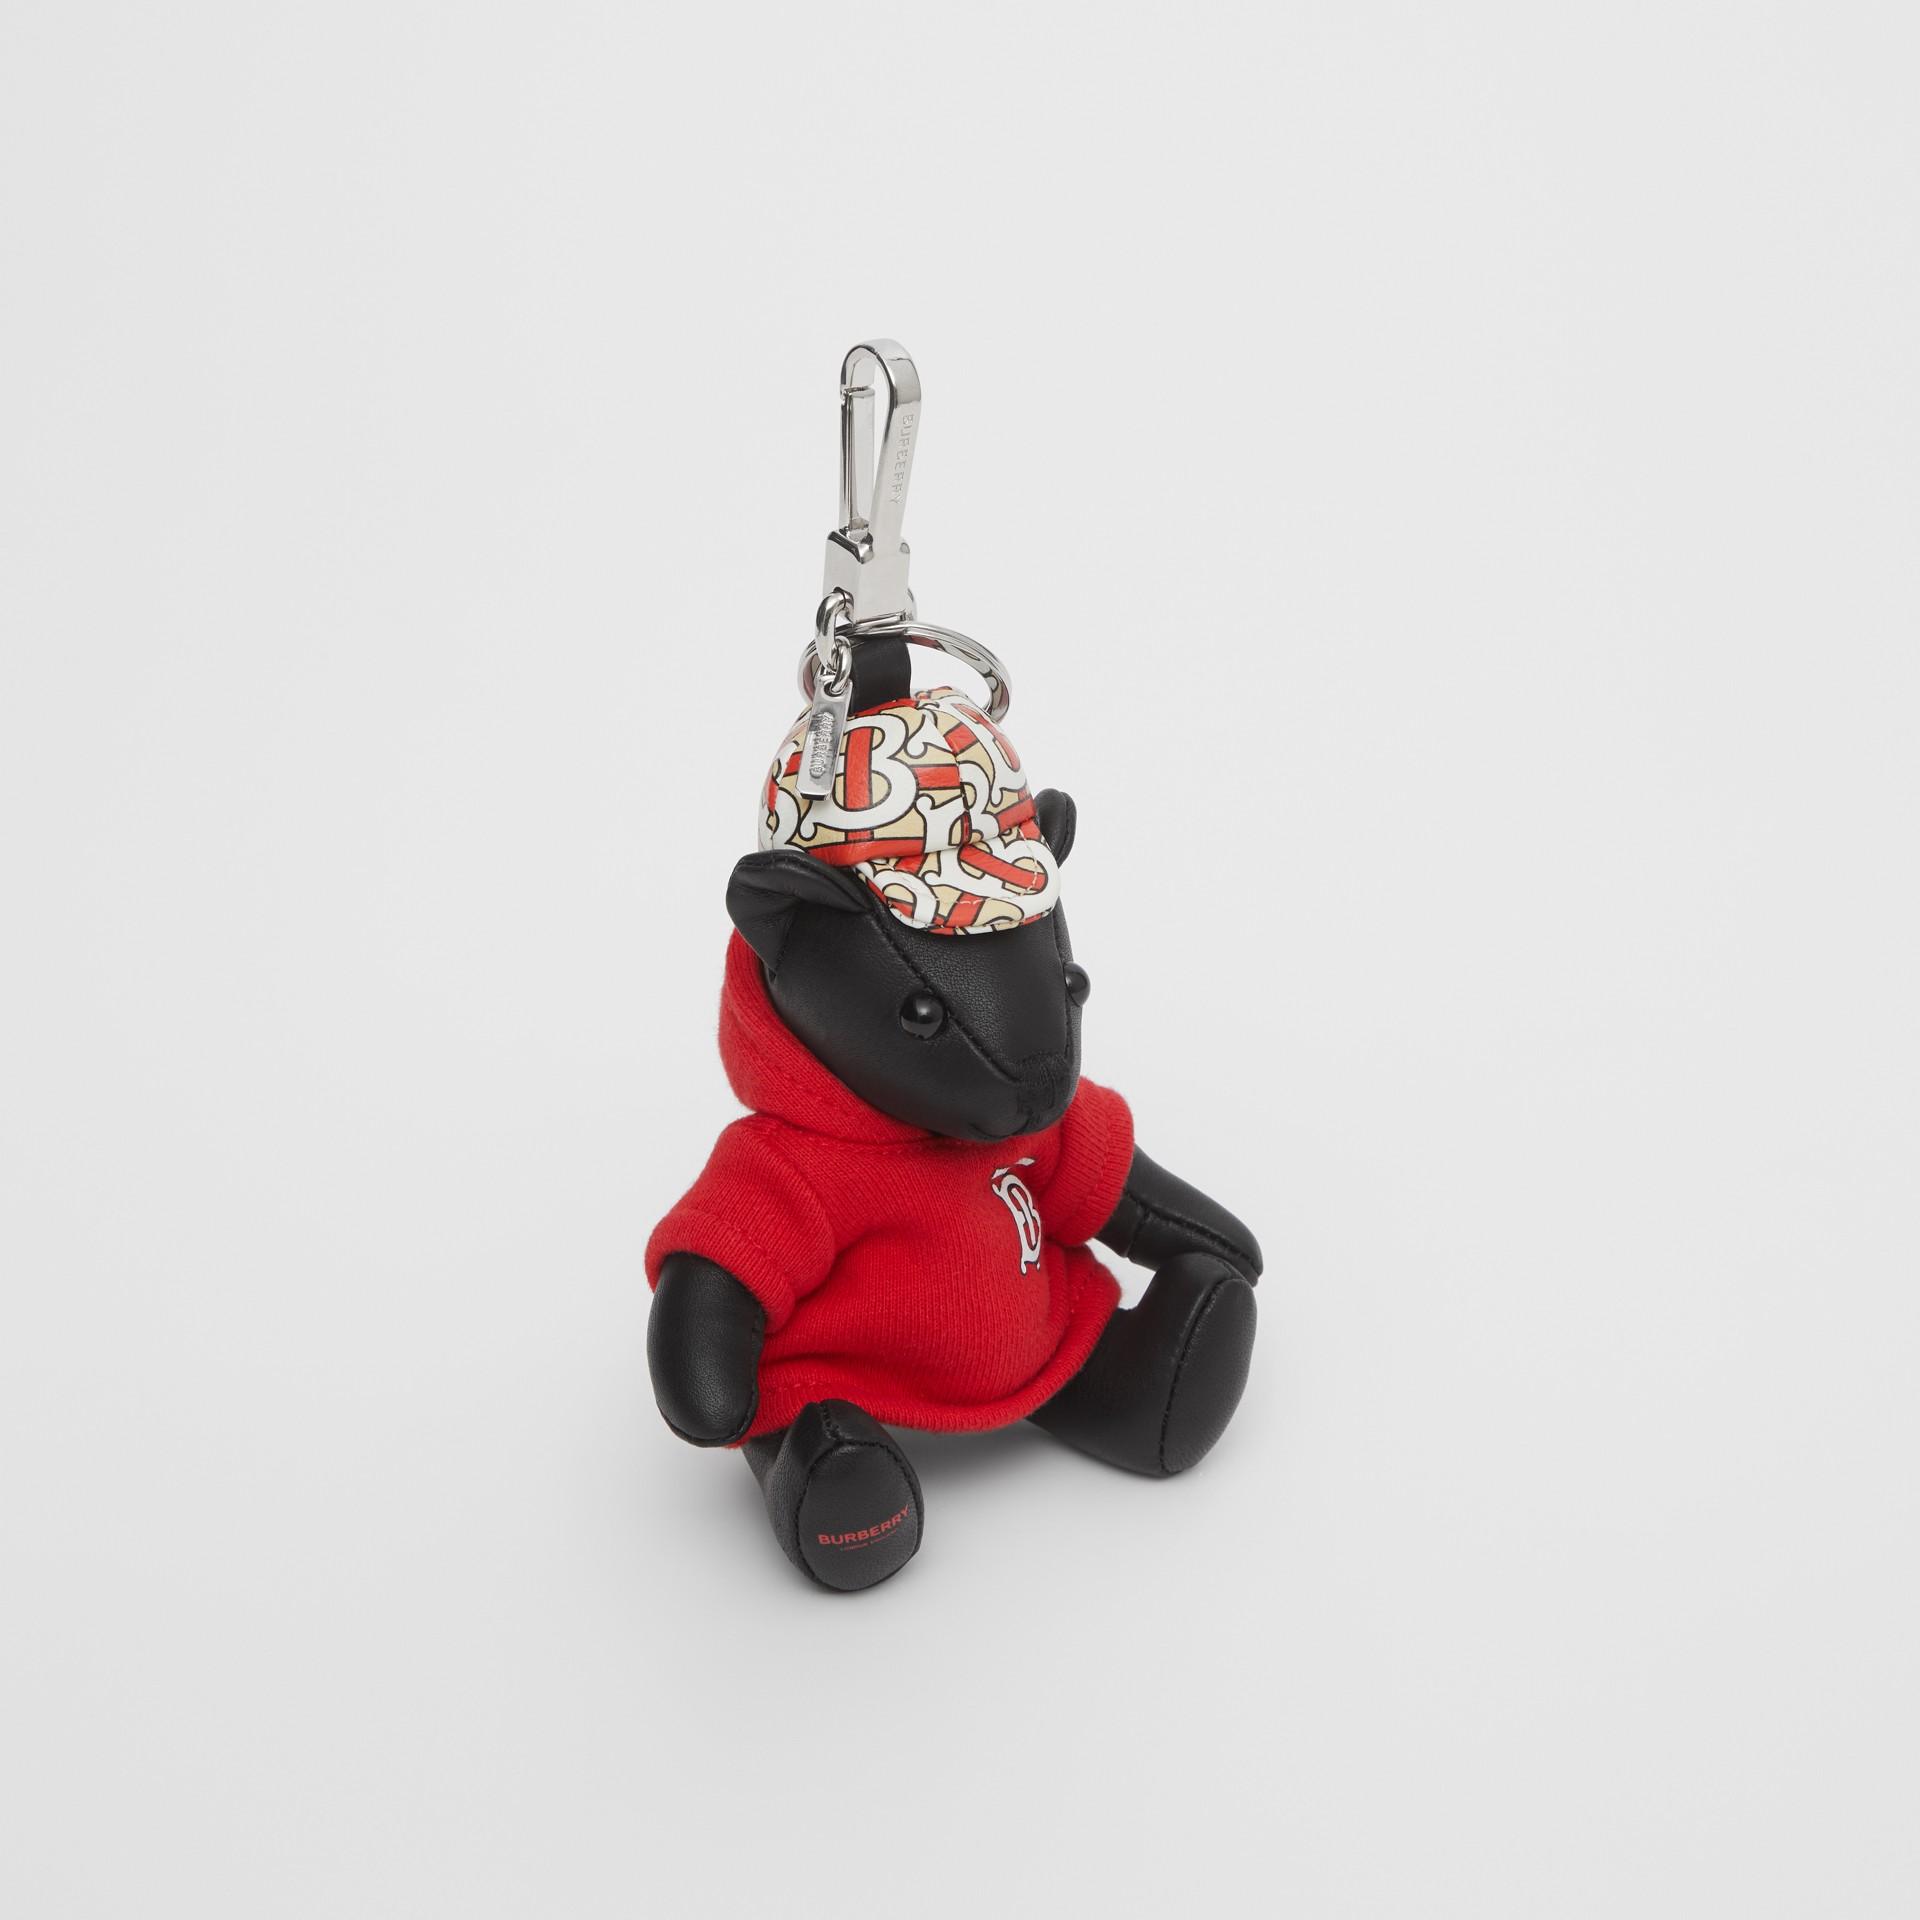 Брелок: медвежонок Томас в худи с монограммой Burberry (Черный / Красный) - Для женщин | Burberry - изображение 0